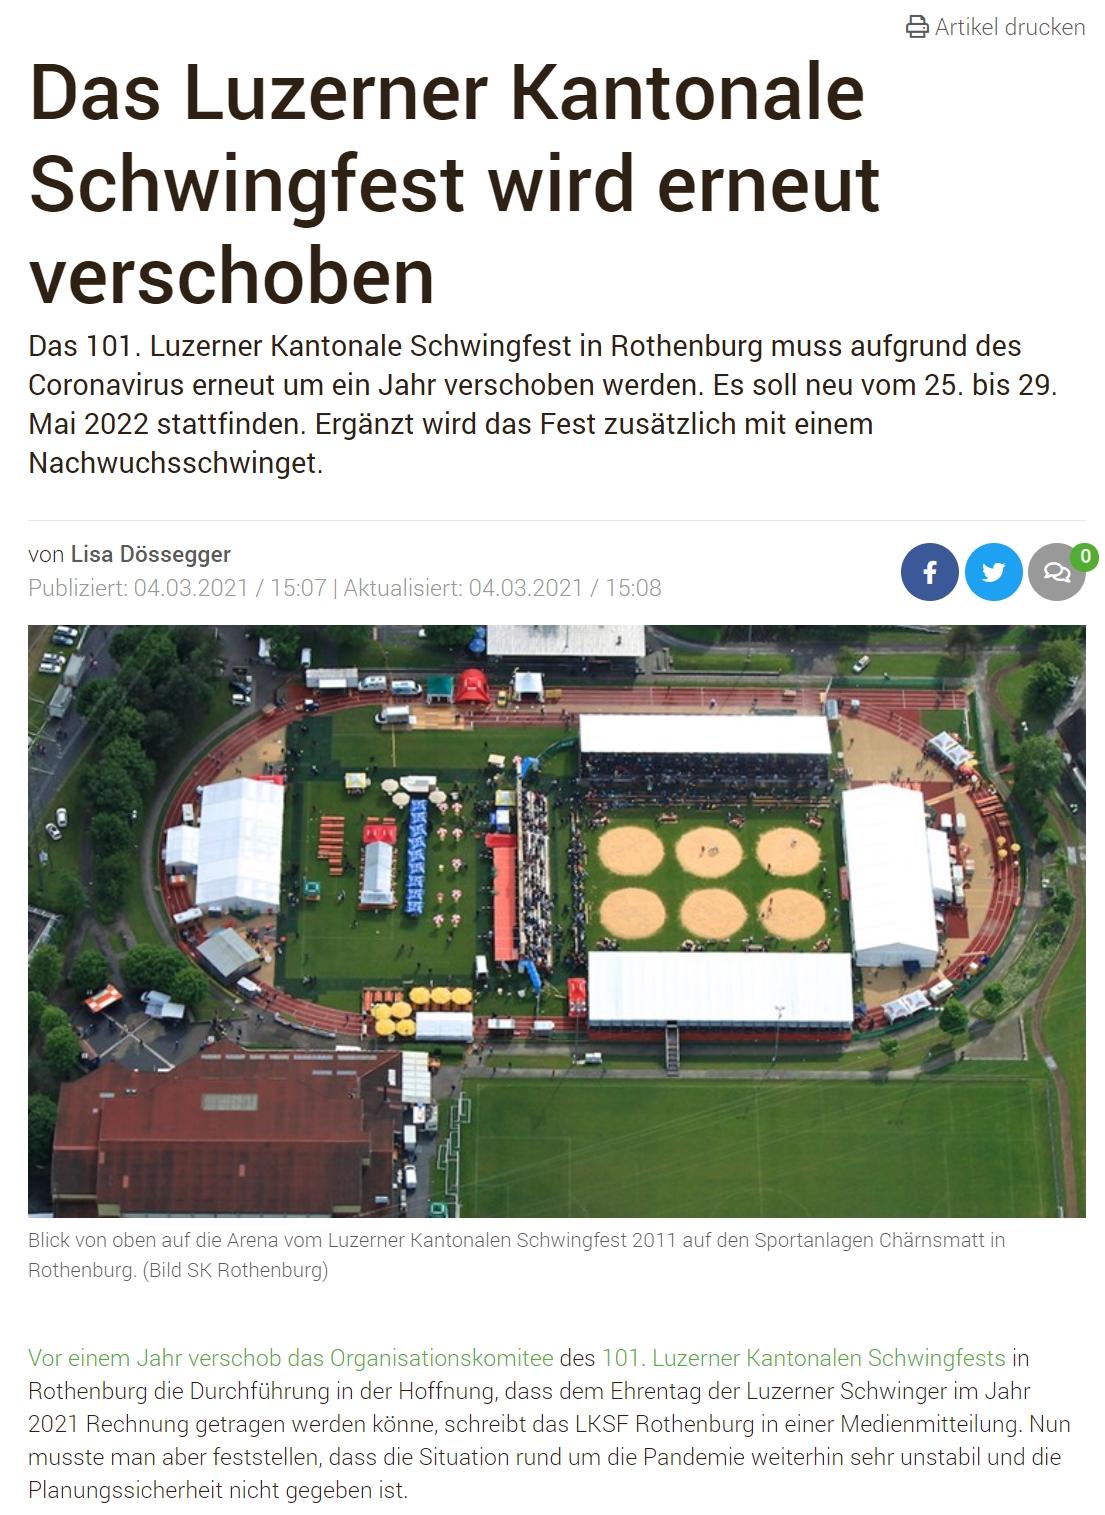 Luzerner Kantonales Schwingfest ist verschoben _ BauernZeitung